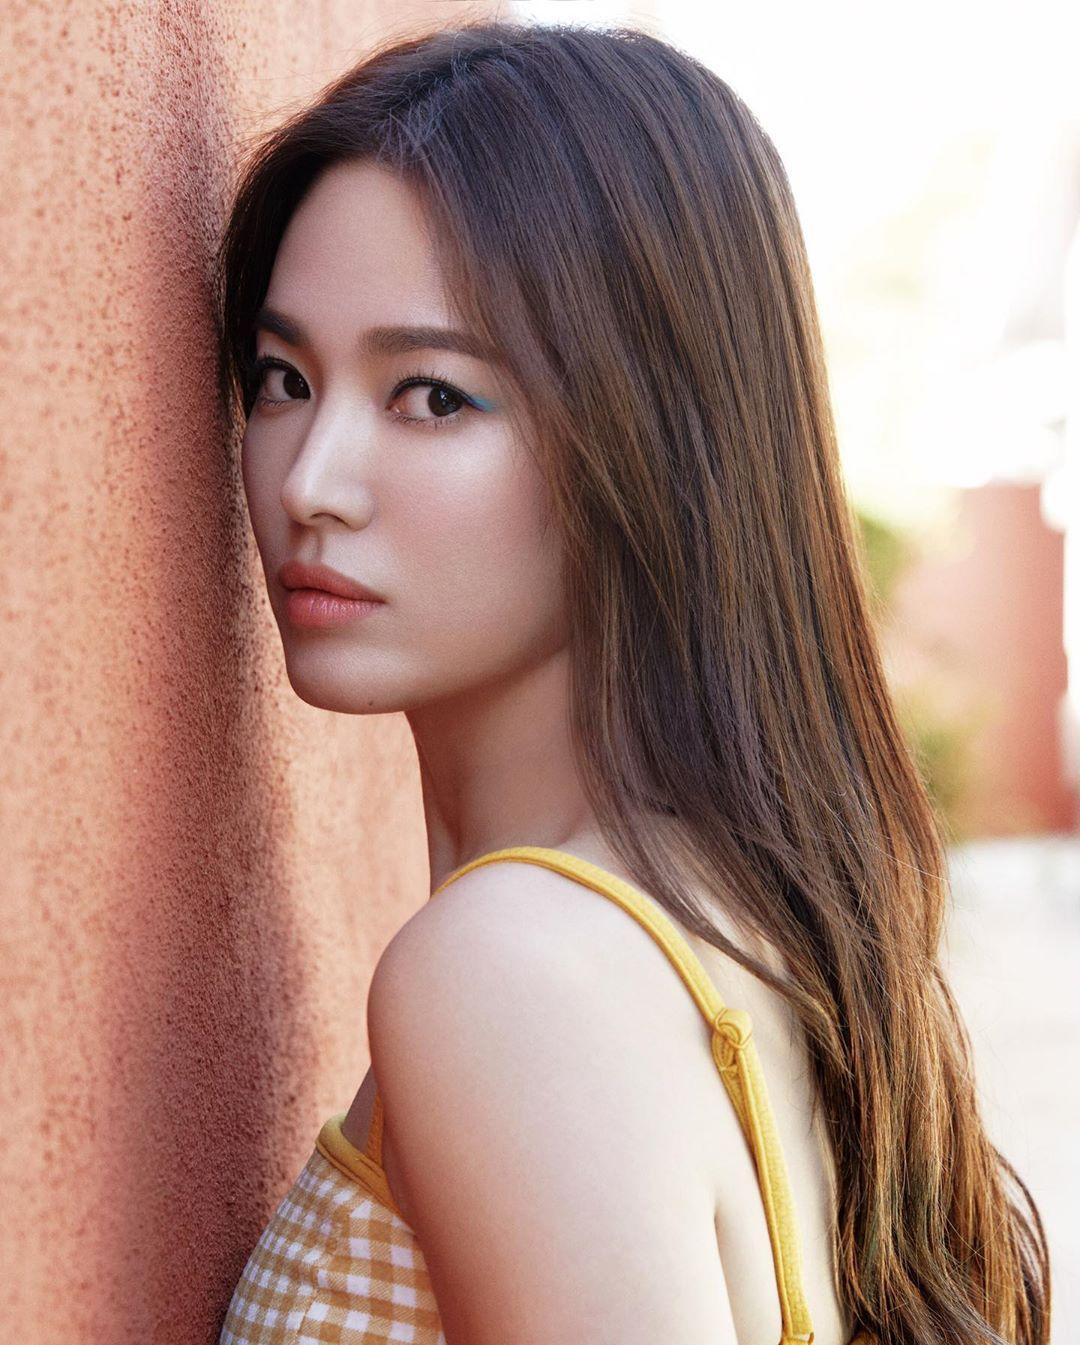 韩国网友票选《有史以来最美韩国女演员》,全智贤居然没进前10名!插图6